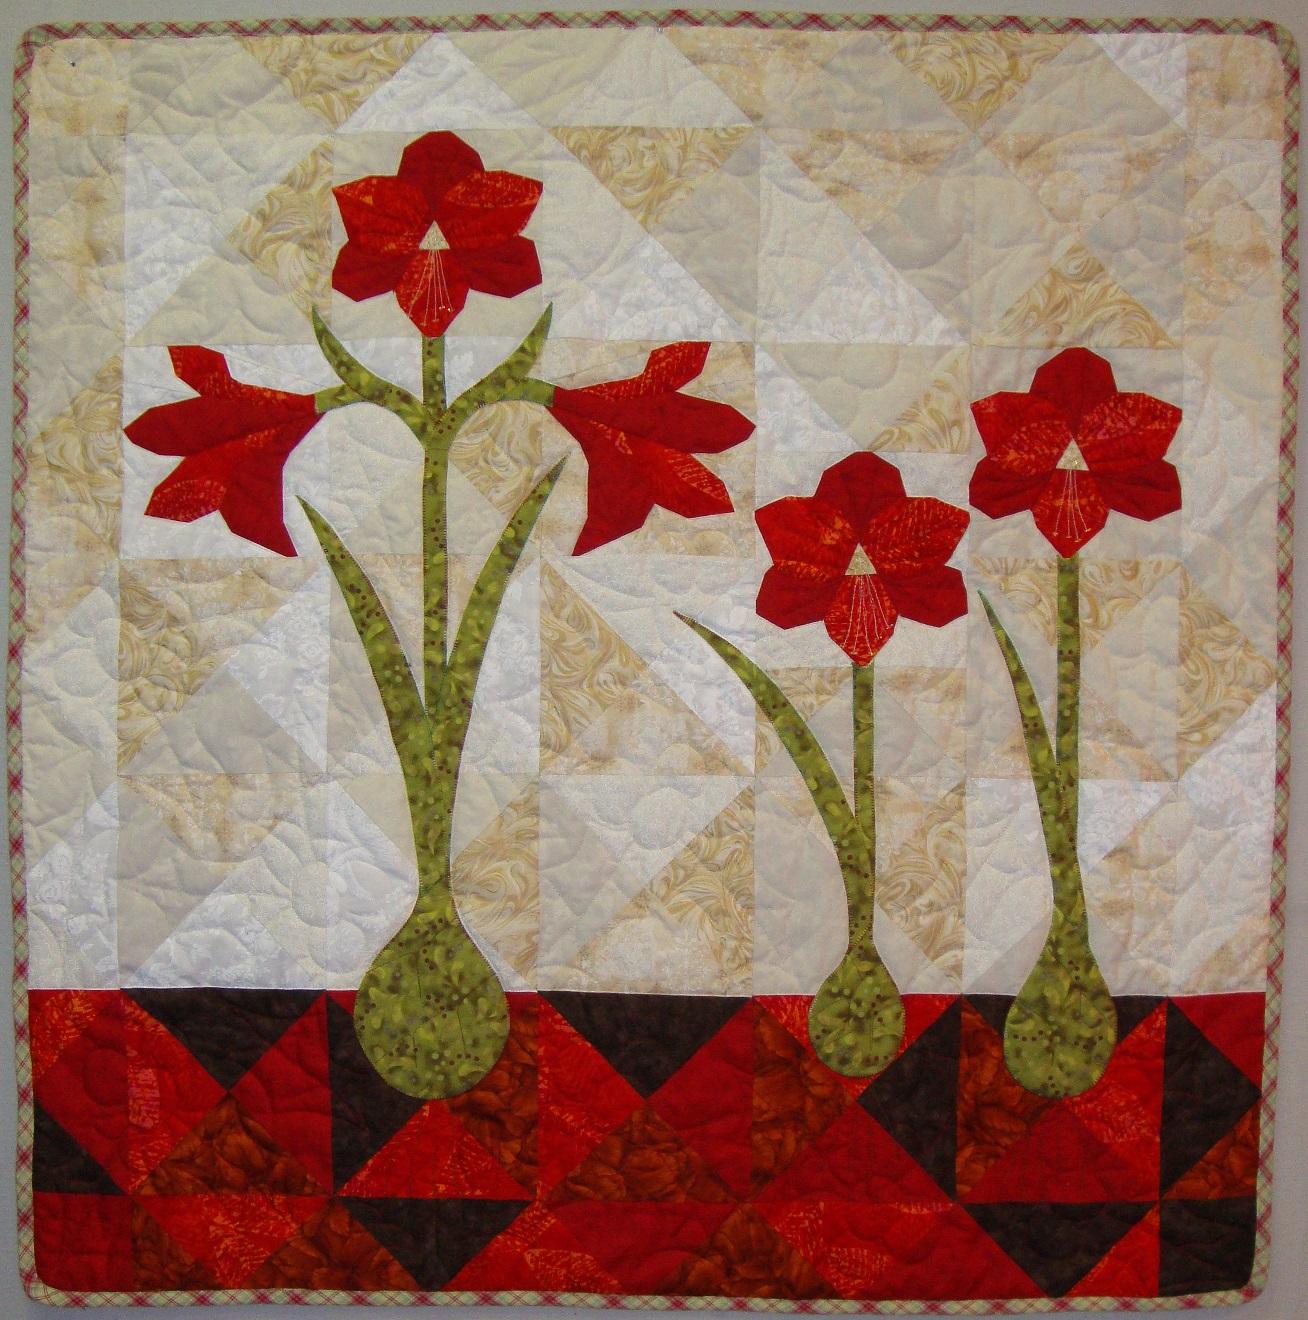 quilt by Maaike Bakker 2012